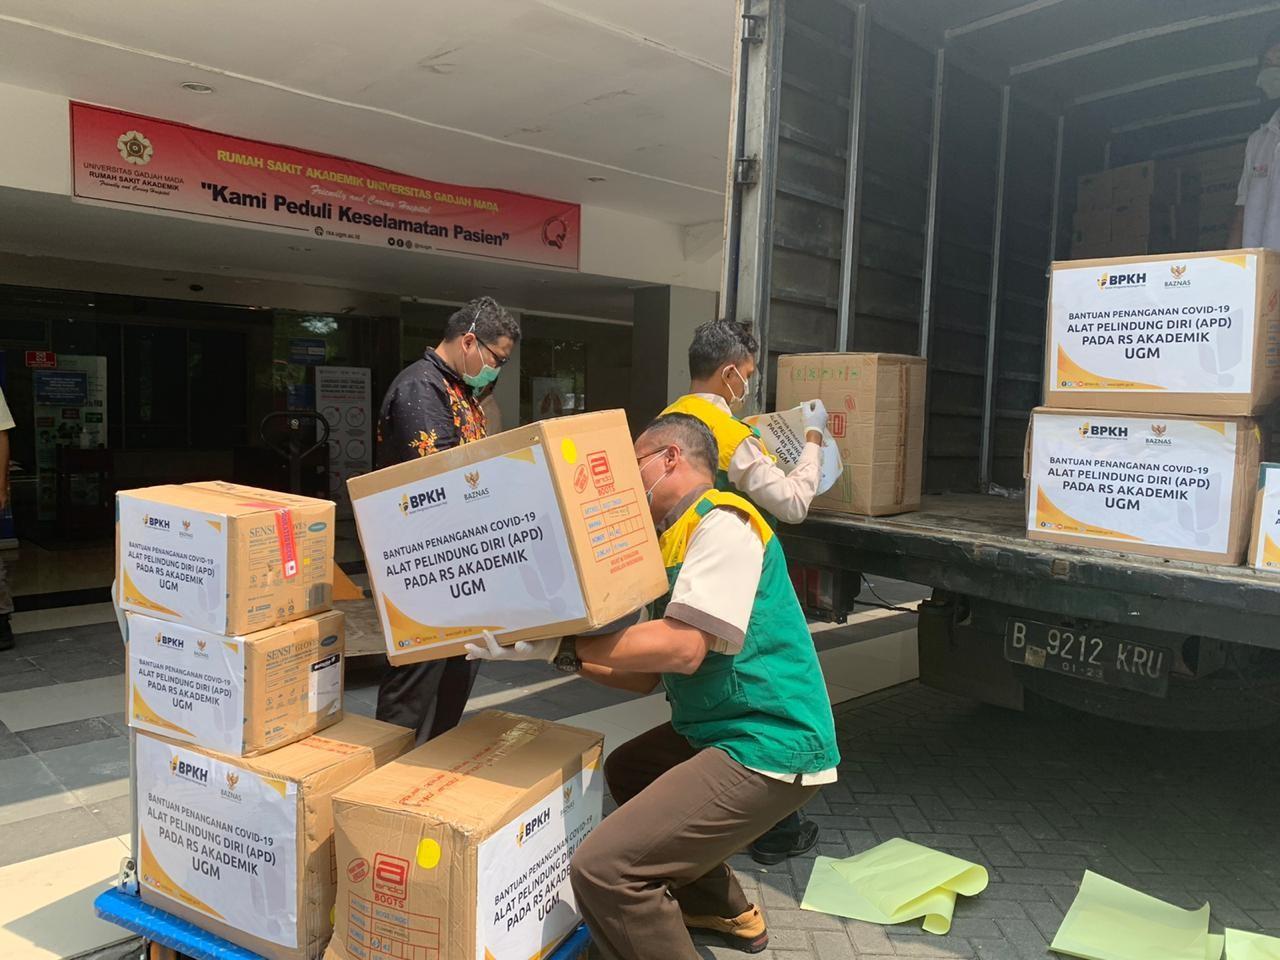 BAZNAS Kembali Salurkan Peralatan APD ke Berbagai Rumah Sakit